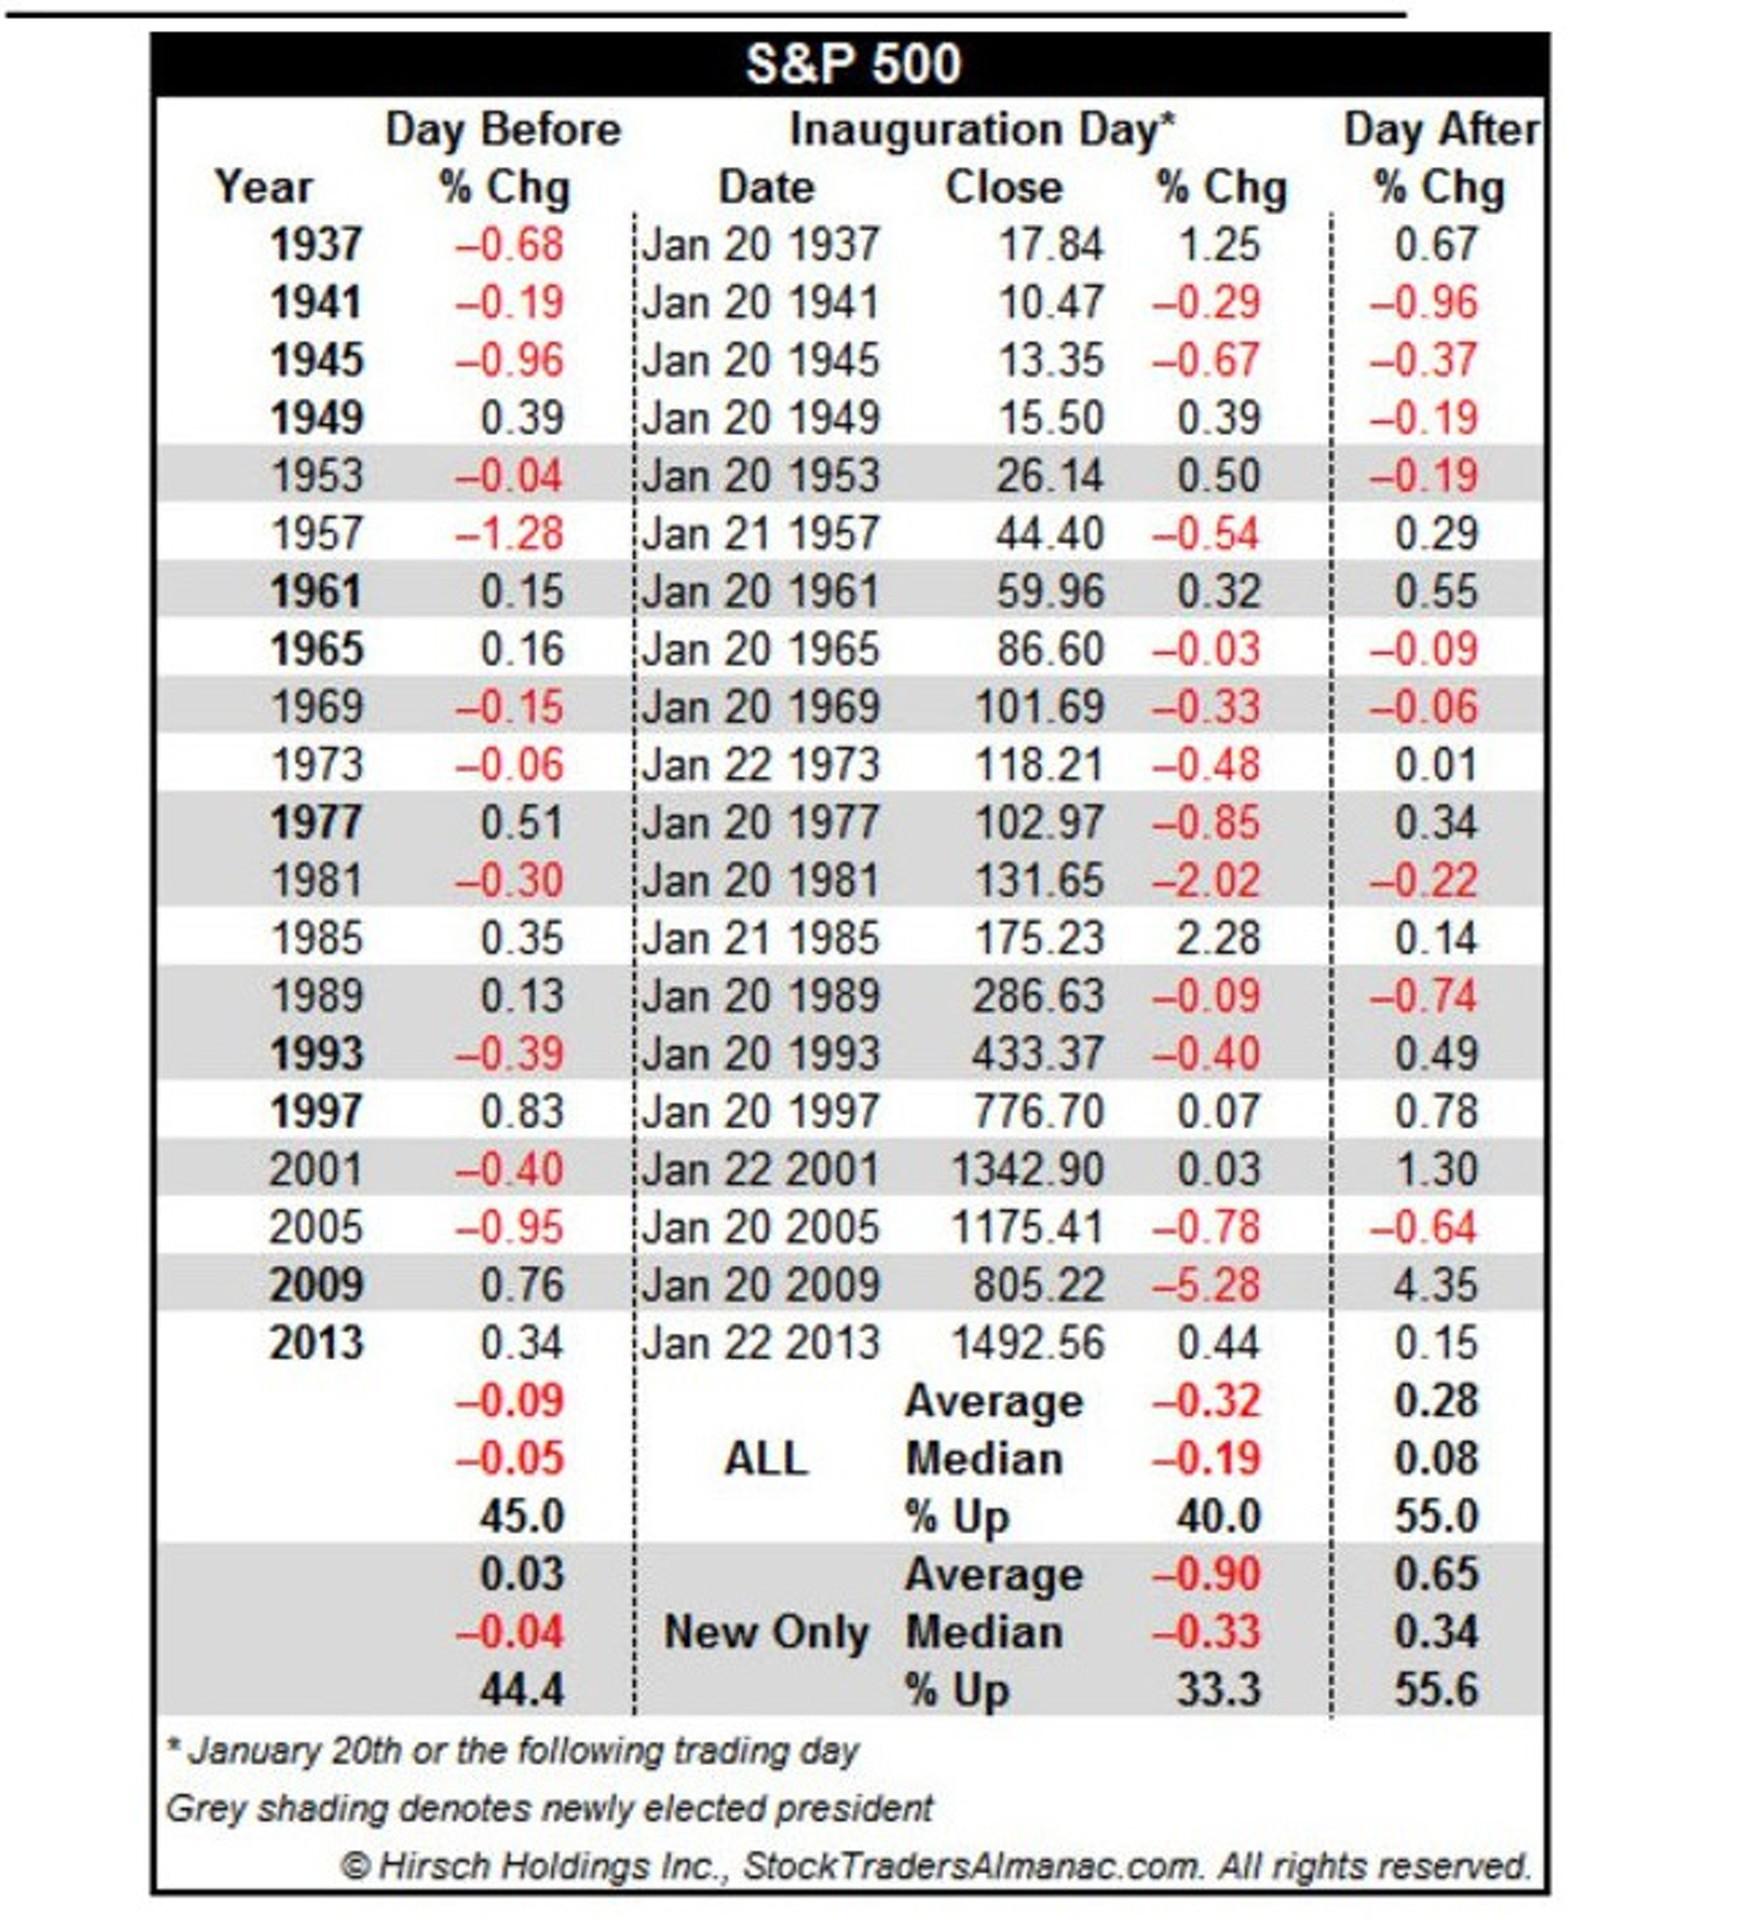 День инаугурации: что это за день в истории рынков?